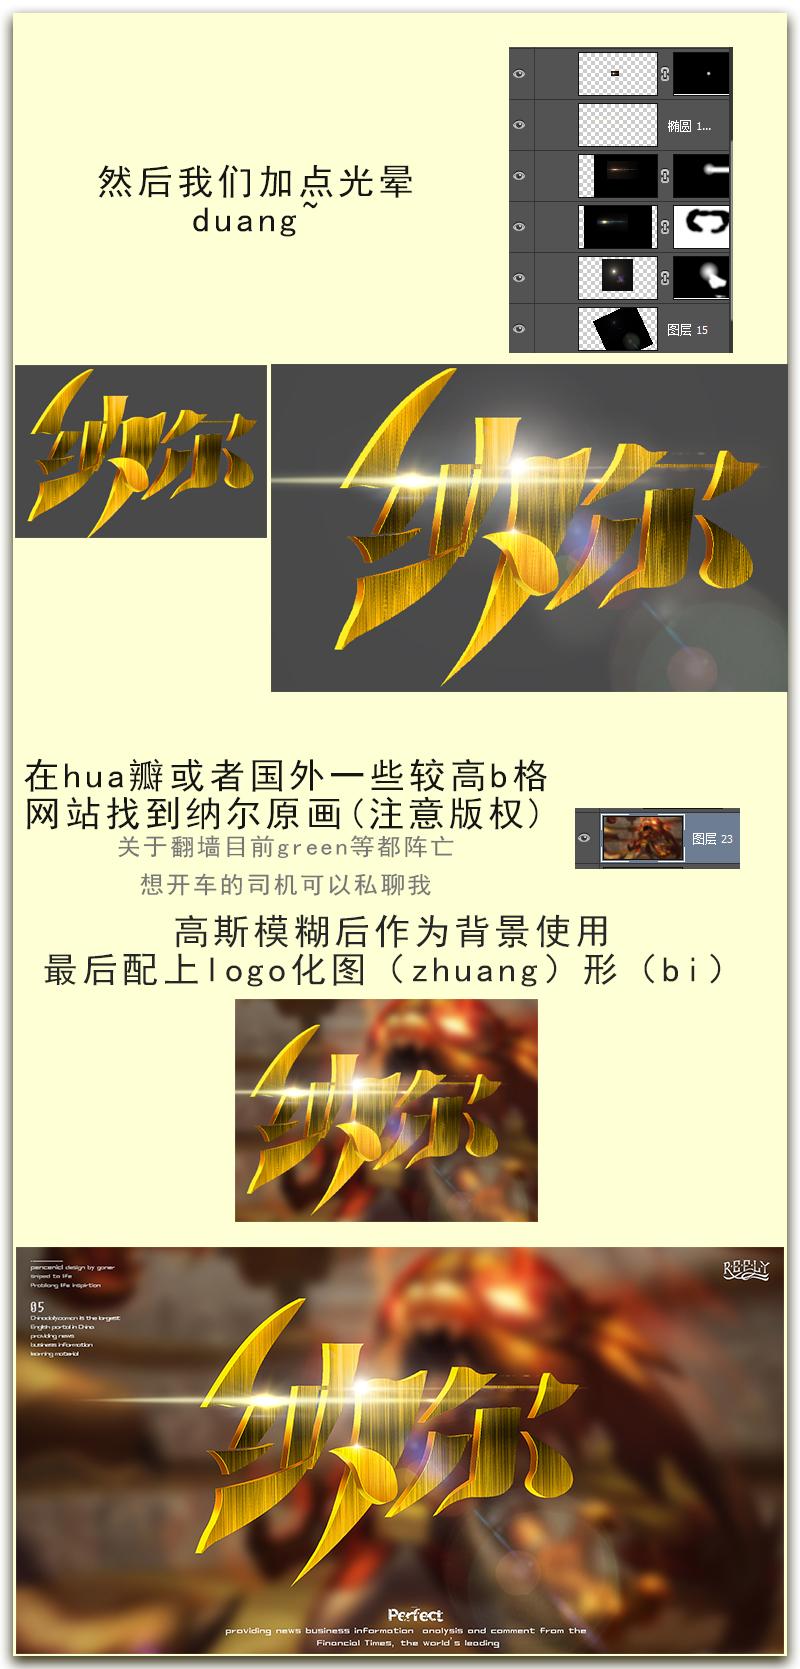 Photoshop制作金属质感的黄金艺术字教程,PS教程,素材中国网